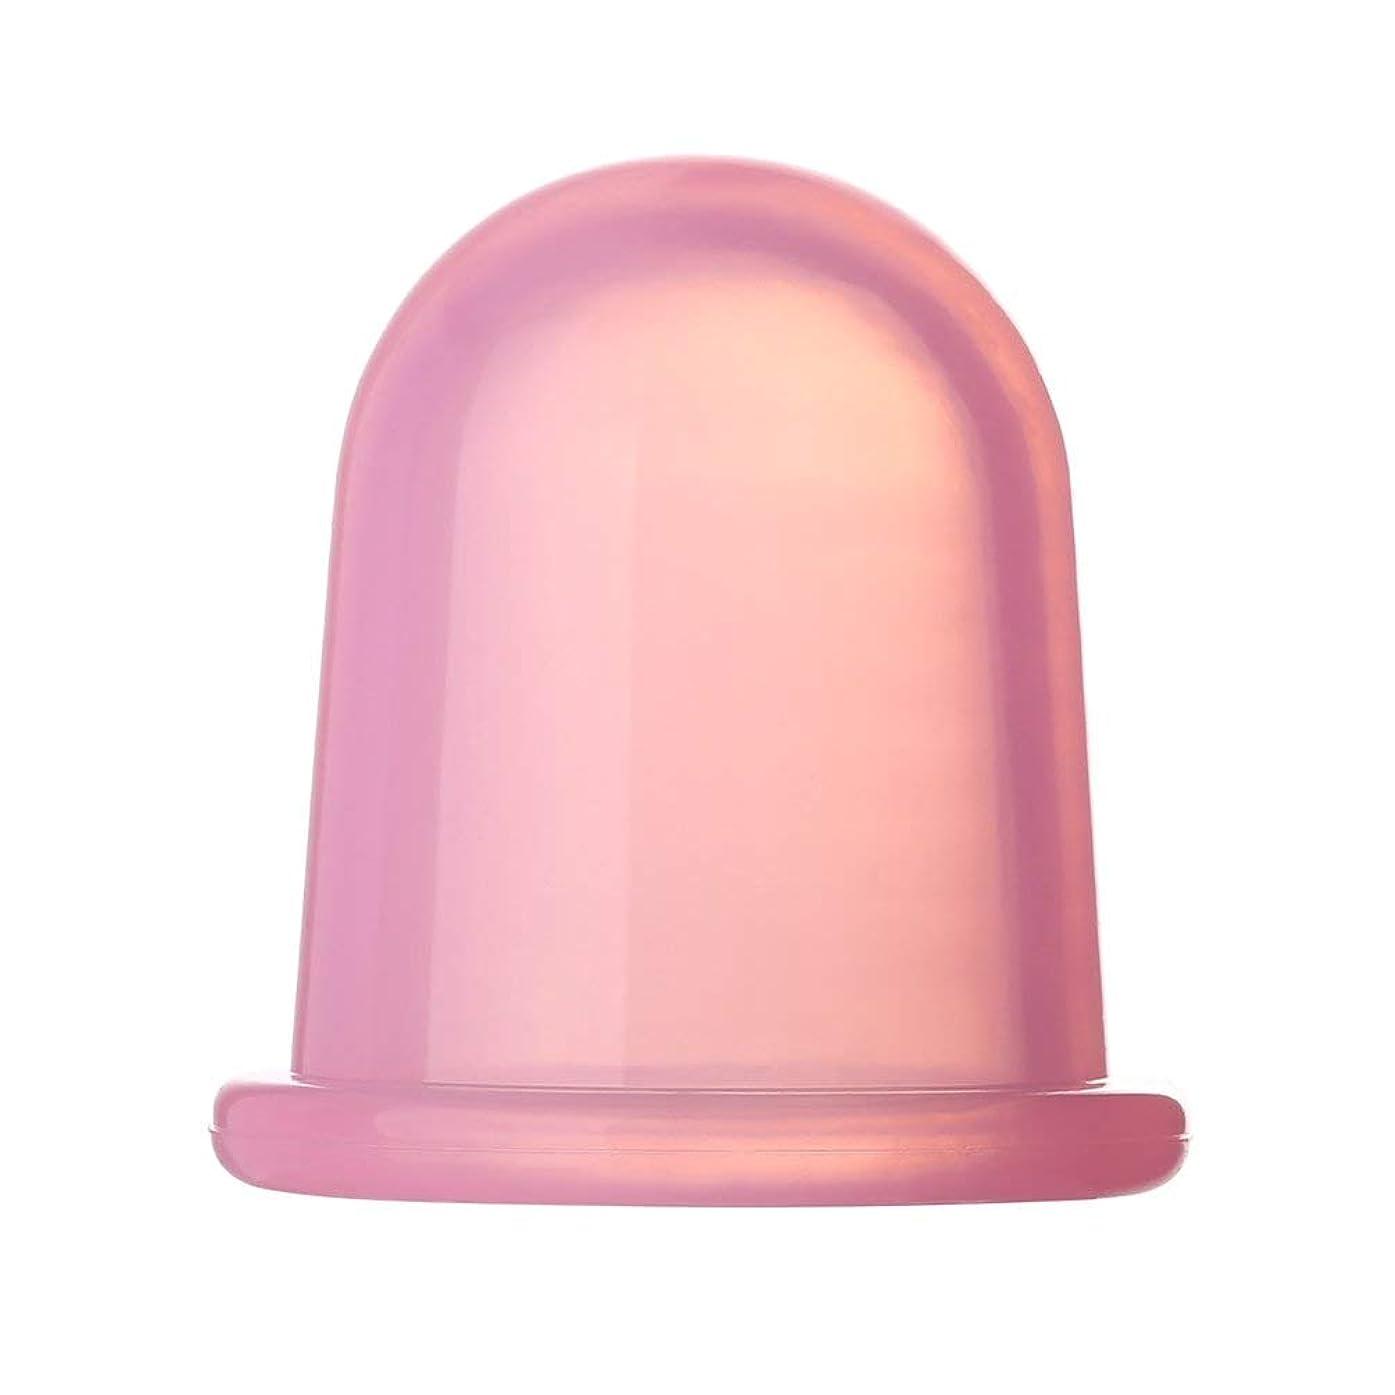 ループインデックス本部耐久性のあるヘルスケアフルボディ真空マッサージャーシリコンカップアンチセルライトは、家族のための物理的疲労ストレスを和らげます - ピンク